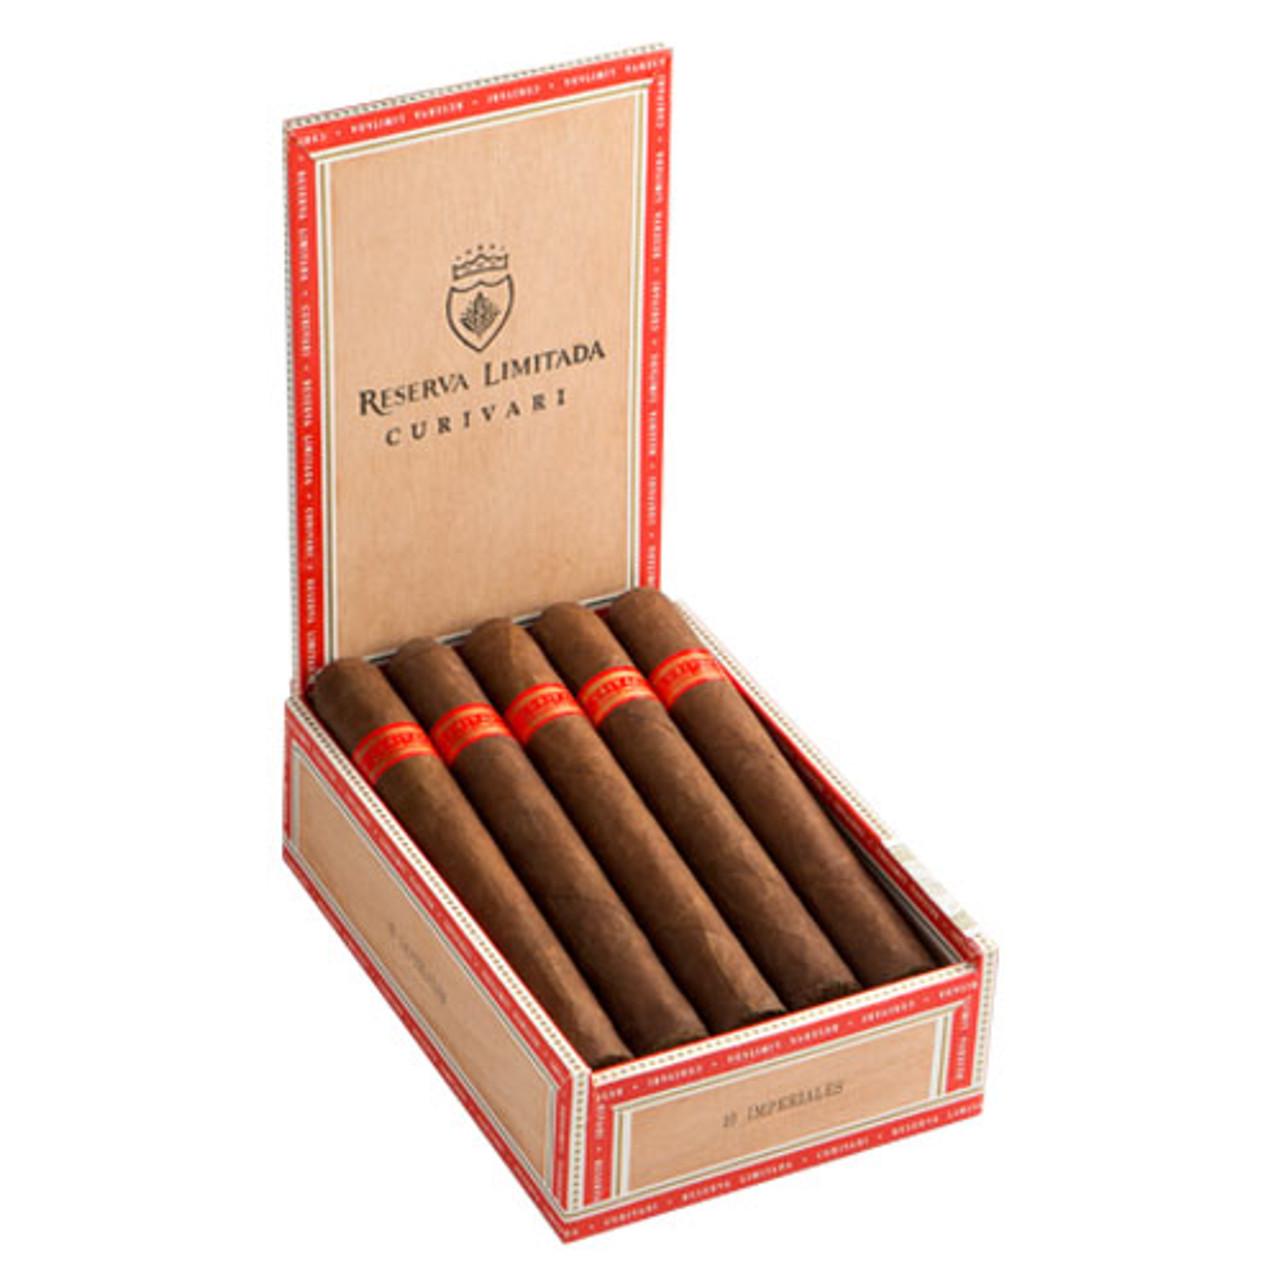 Curivari Reserva Limitada Classica Imperiales Cigars - 6.25 x 54 (Box of 10)